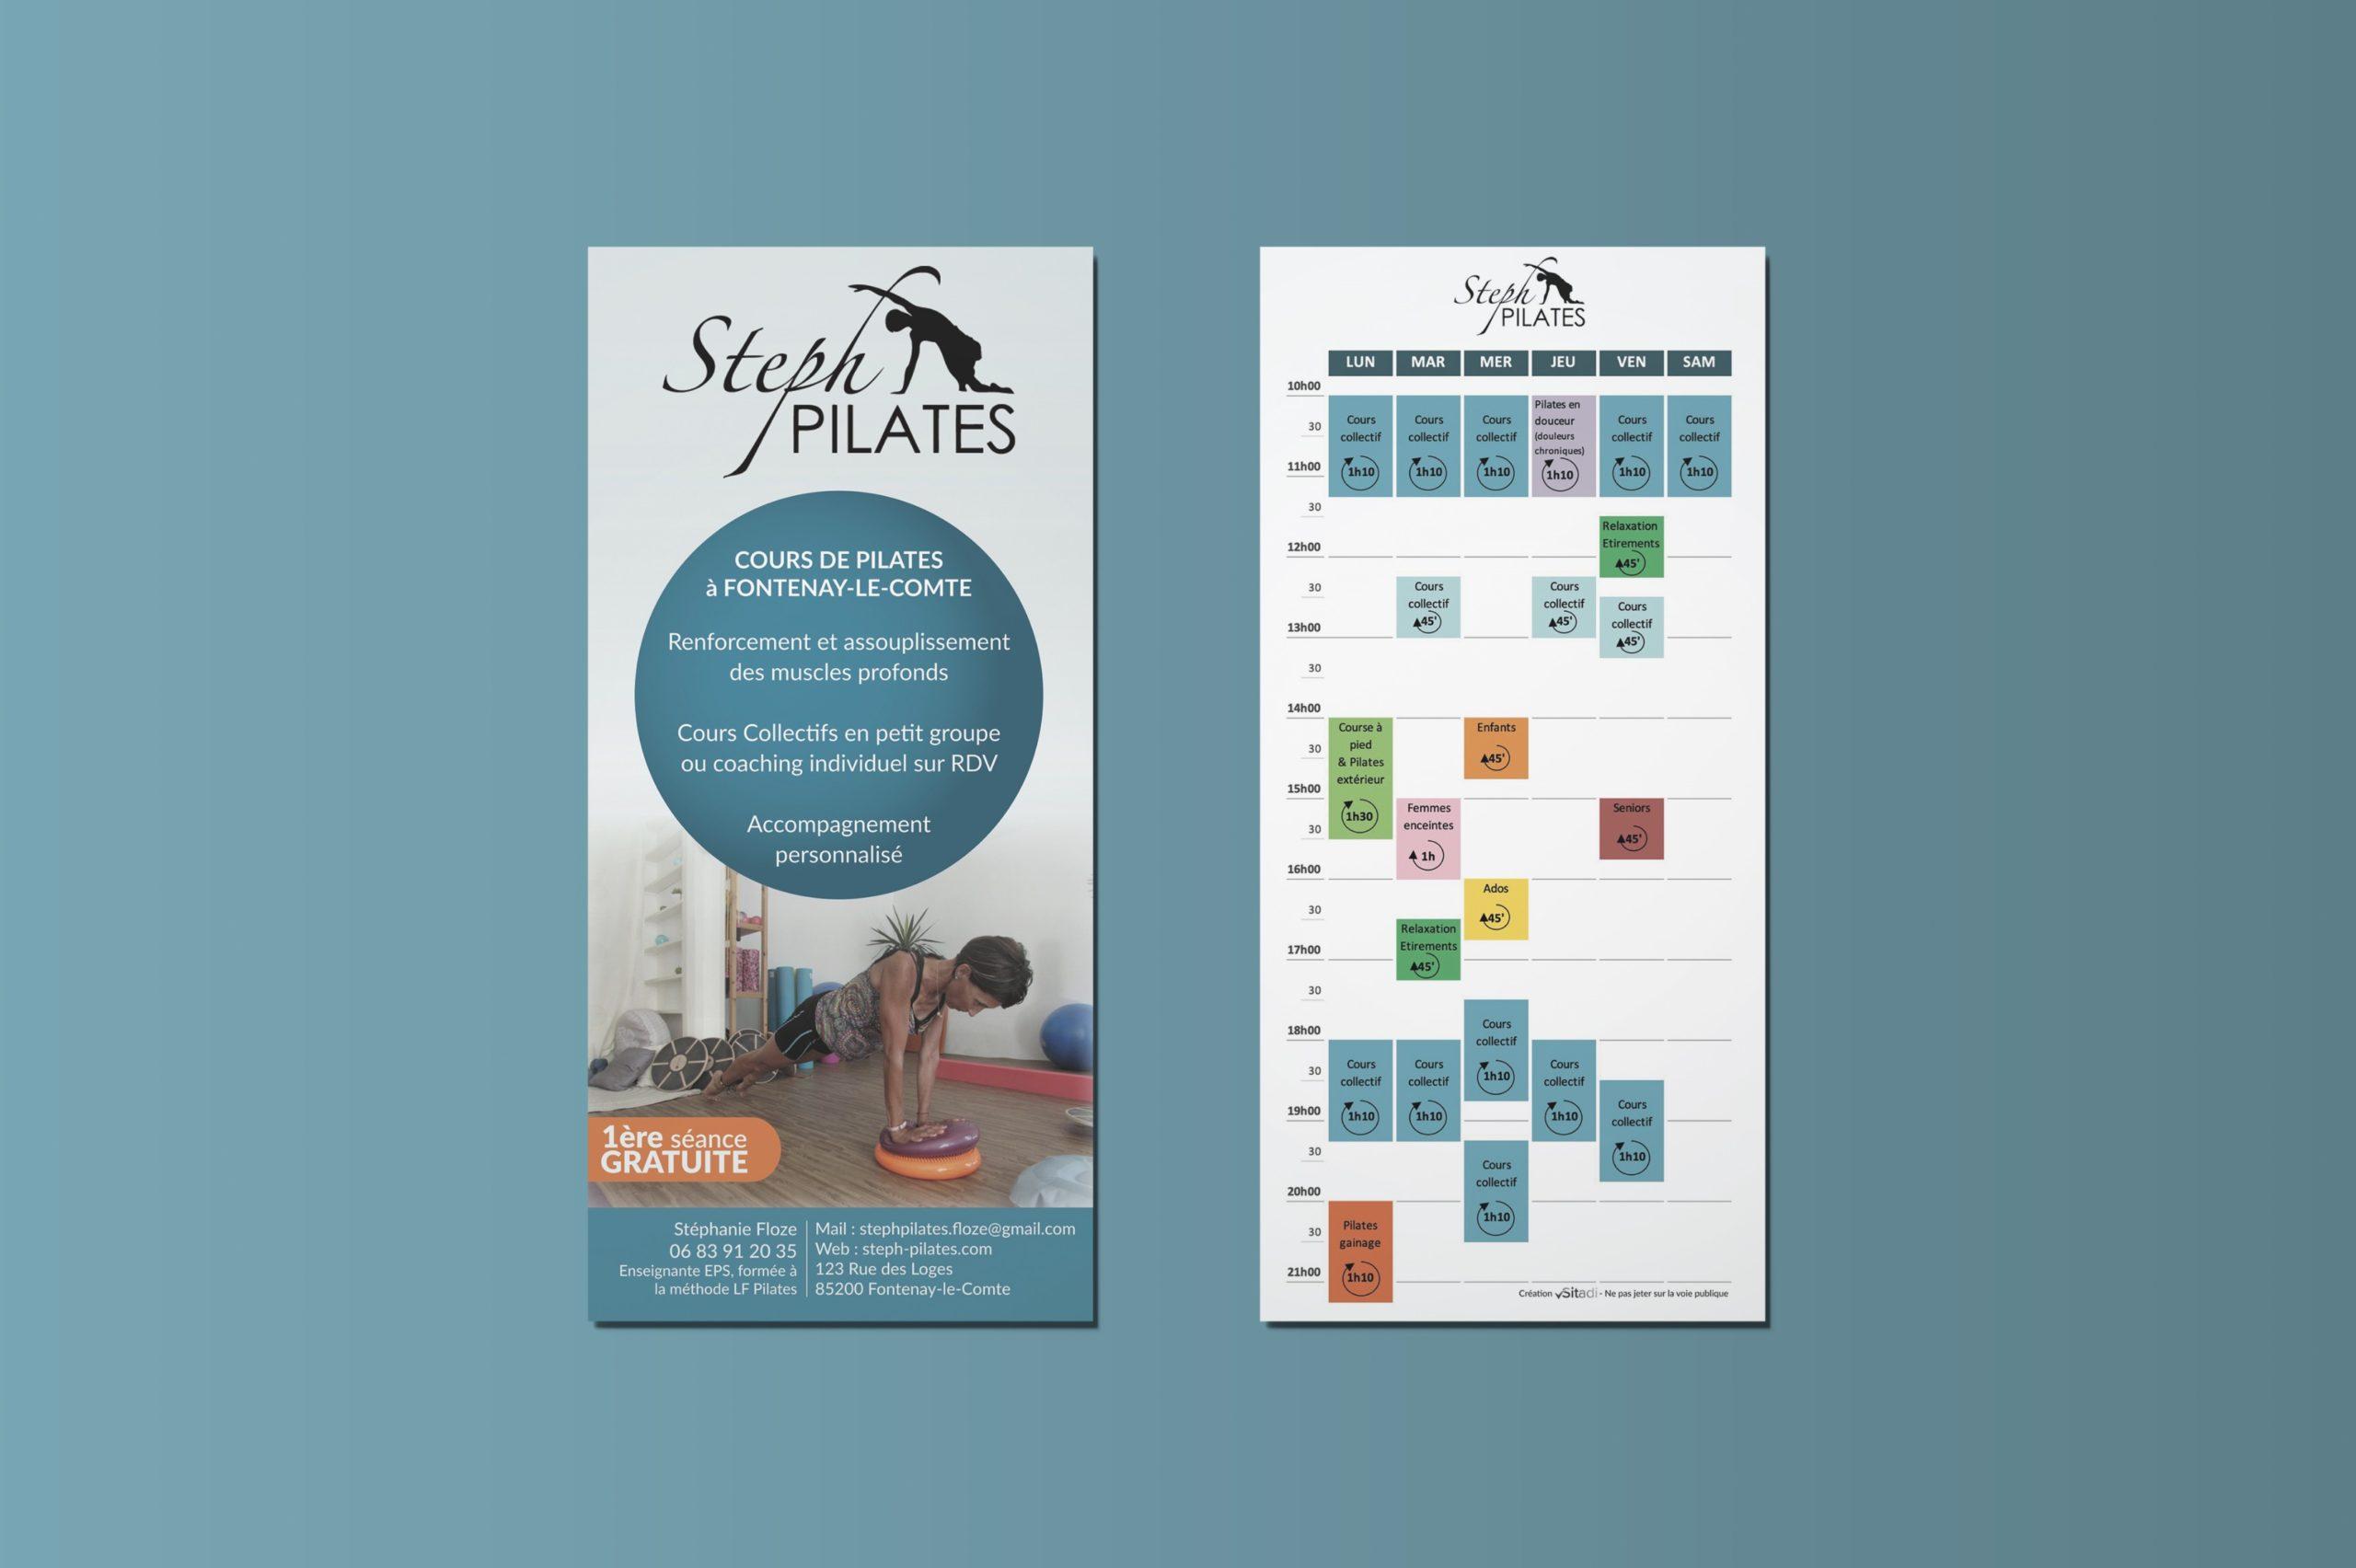 Flyer Sitadi - Flyer Steph Pilates